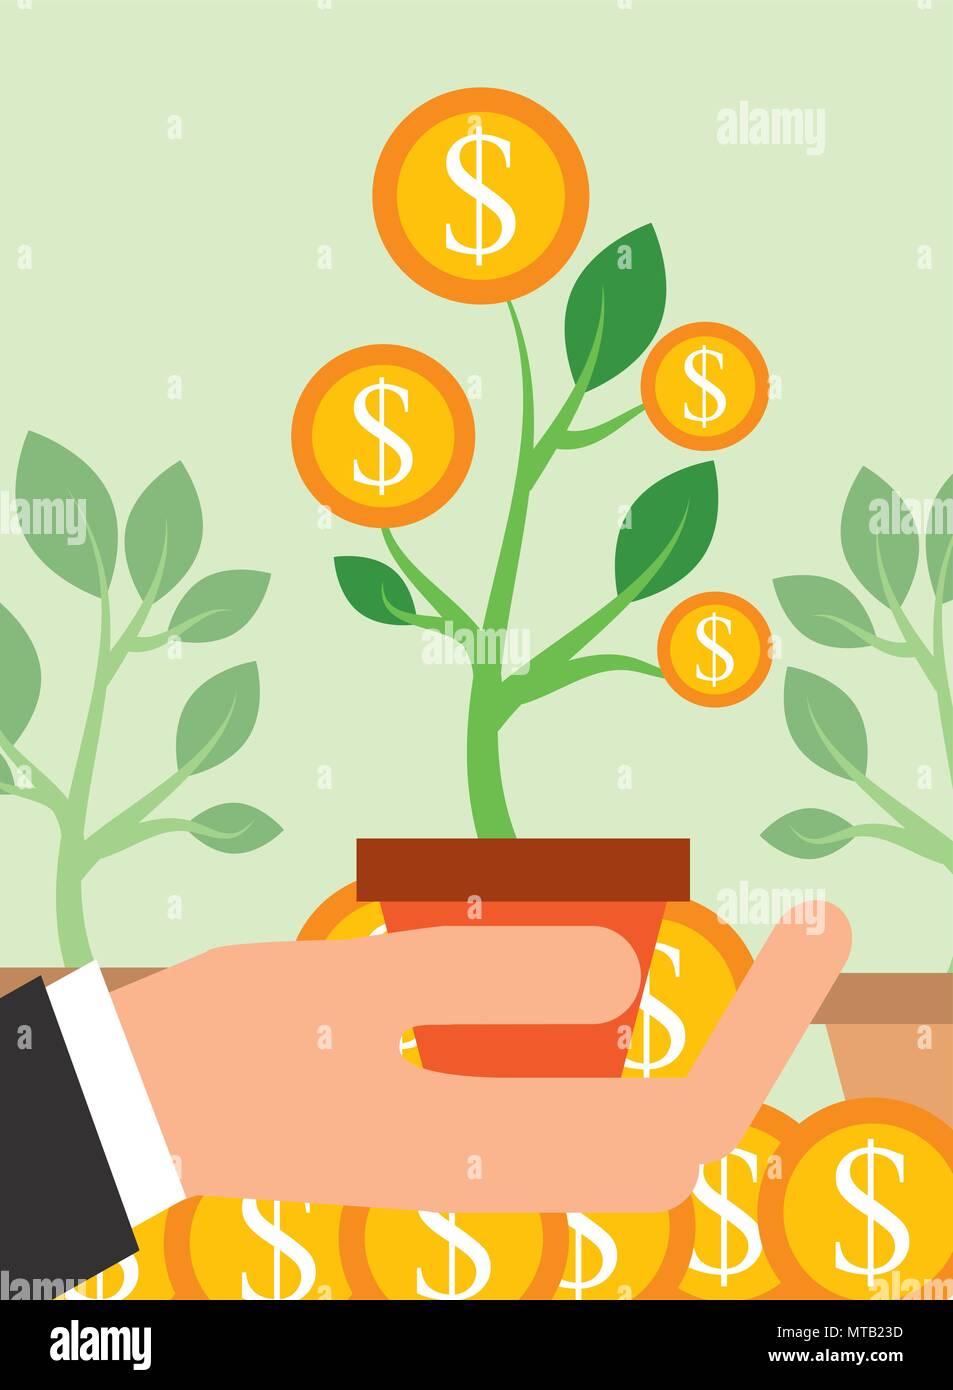 Geld sparen Unternehmen Stockbild